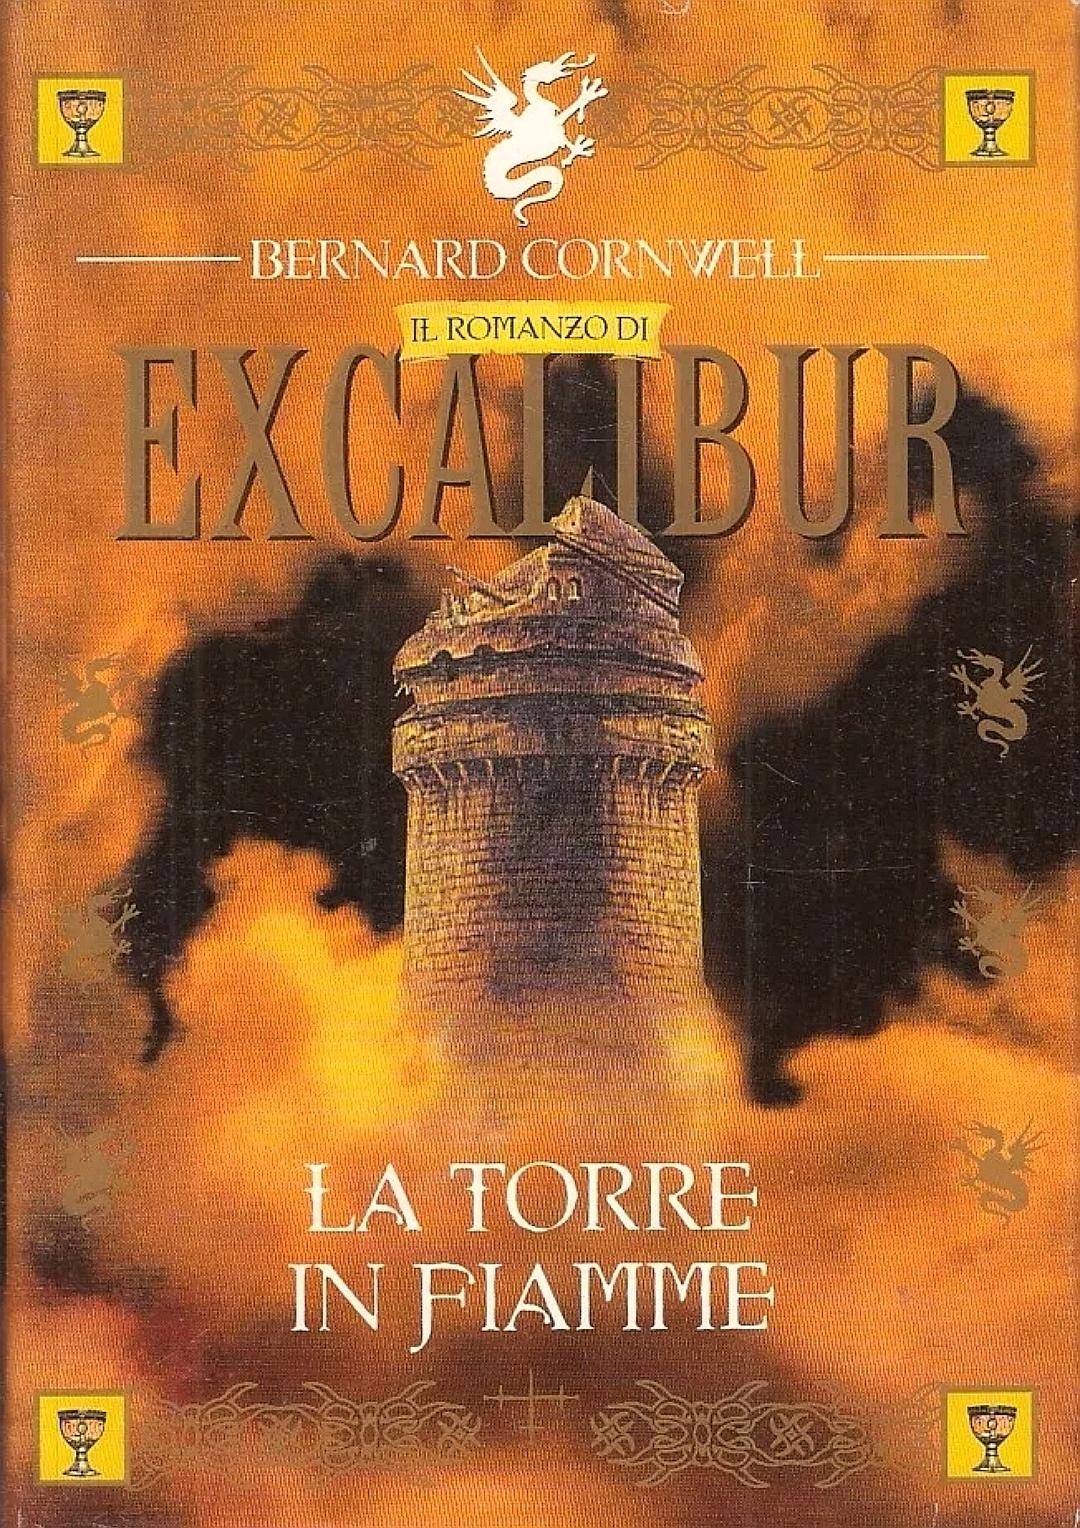 Il romanzo di Excalibur, vol. 3